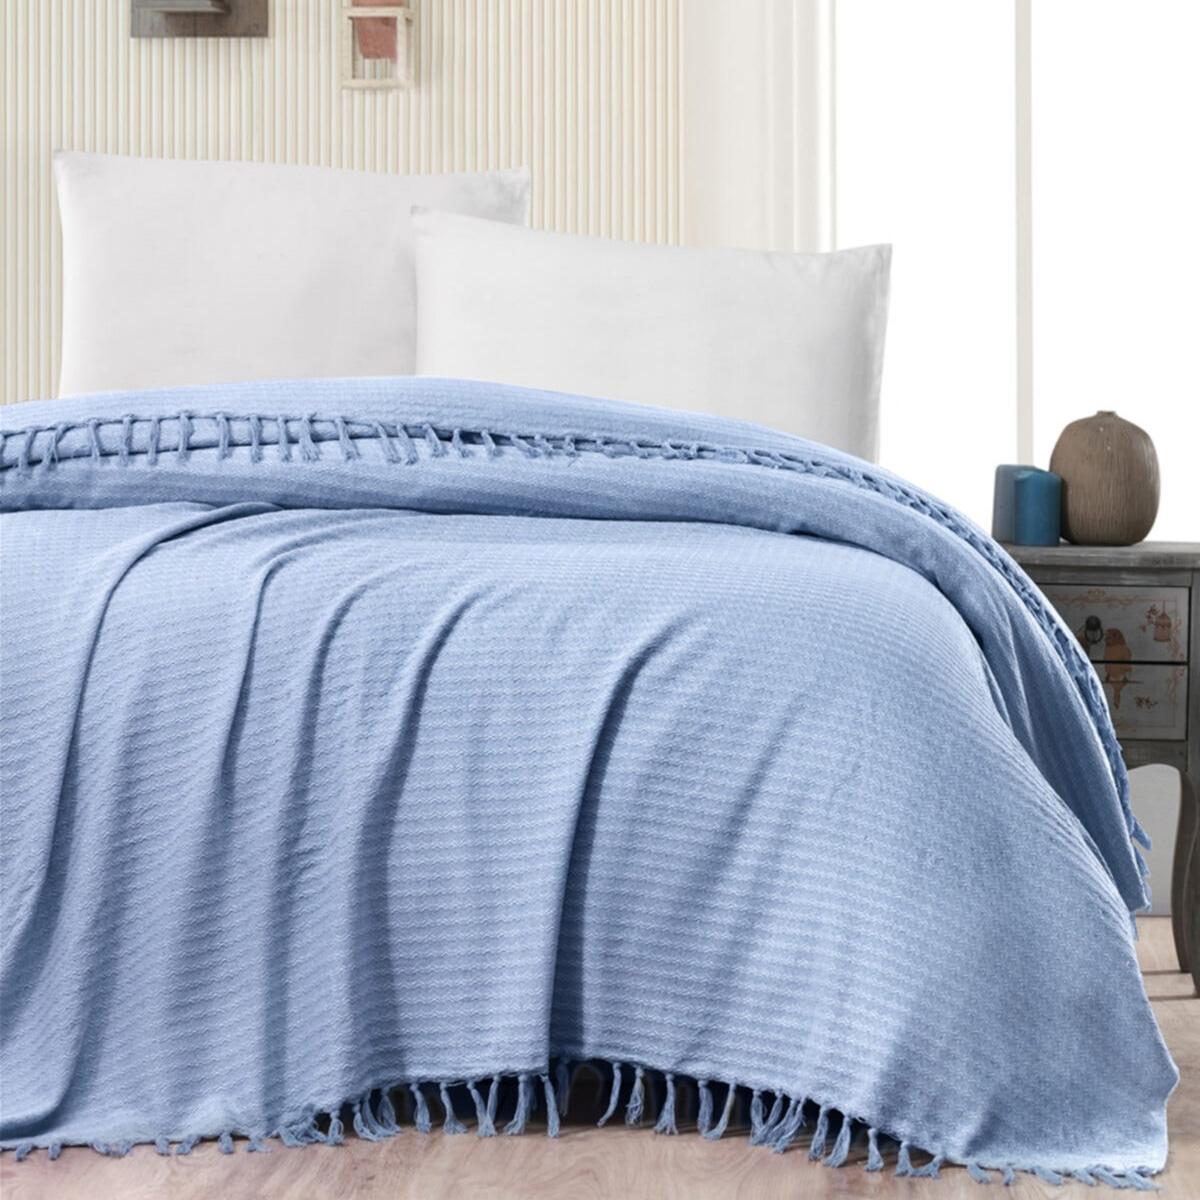 Одеяло Nord 100% памук